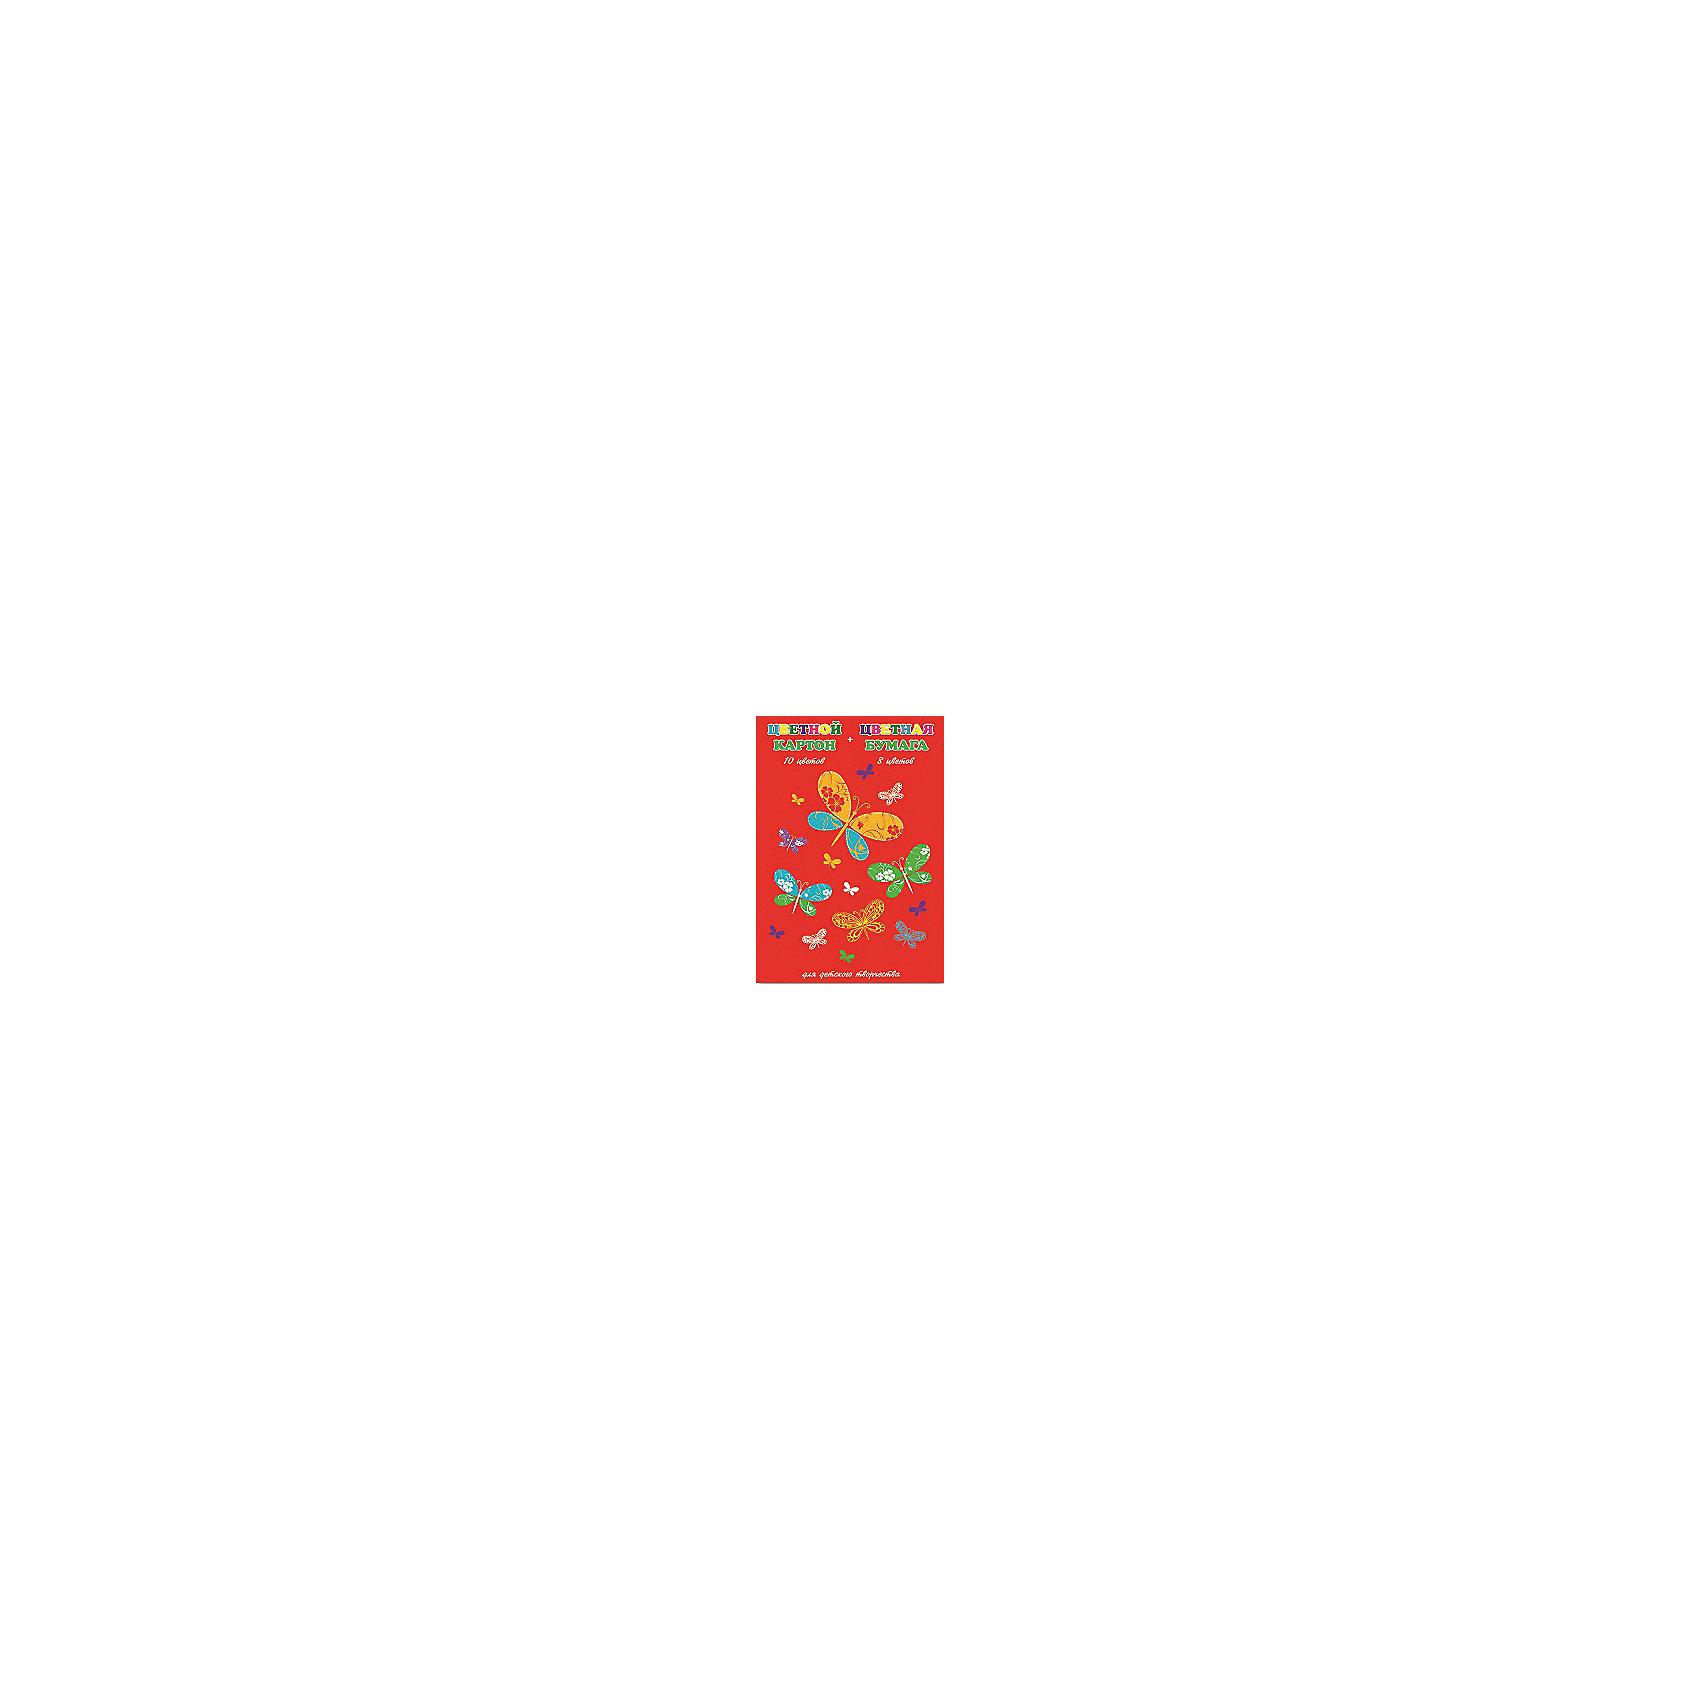 Феникс+ Цветной картон и цветная бумага Яркие бабочки набор для творчества феникс цветной картон 10цв цветная бумага 8цв лисички на склейке